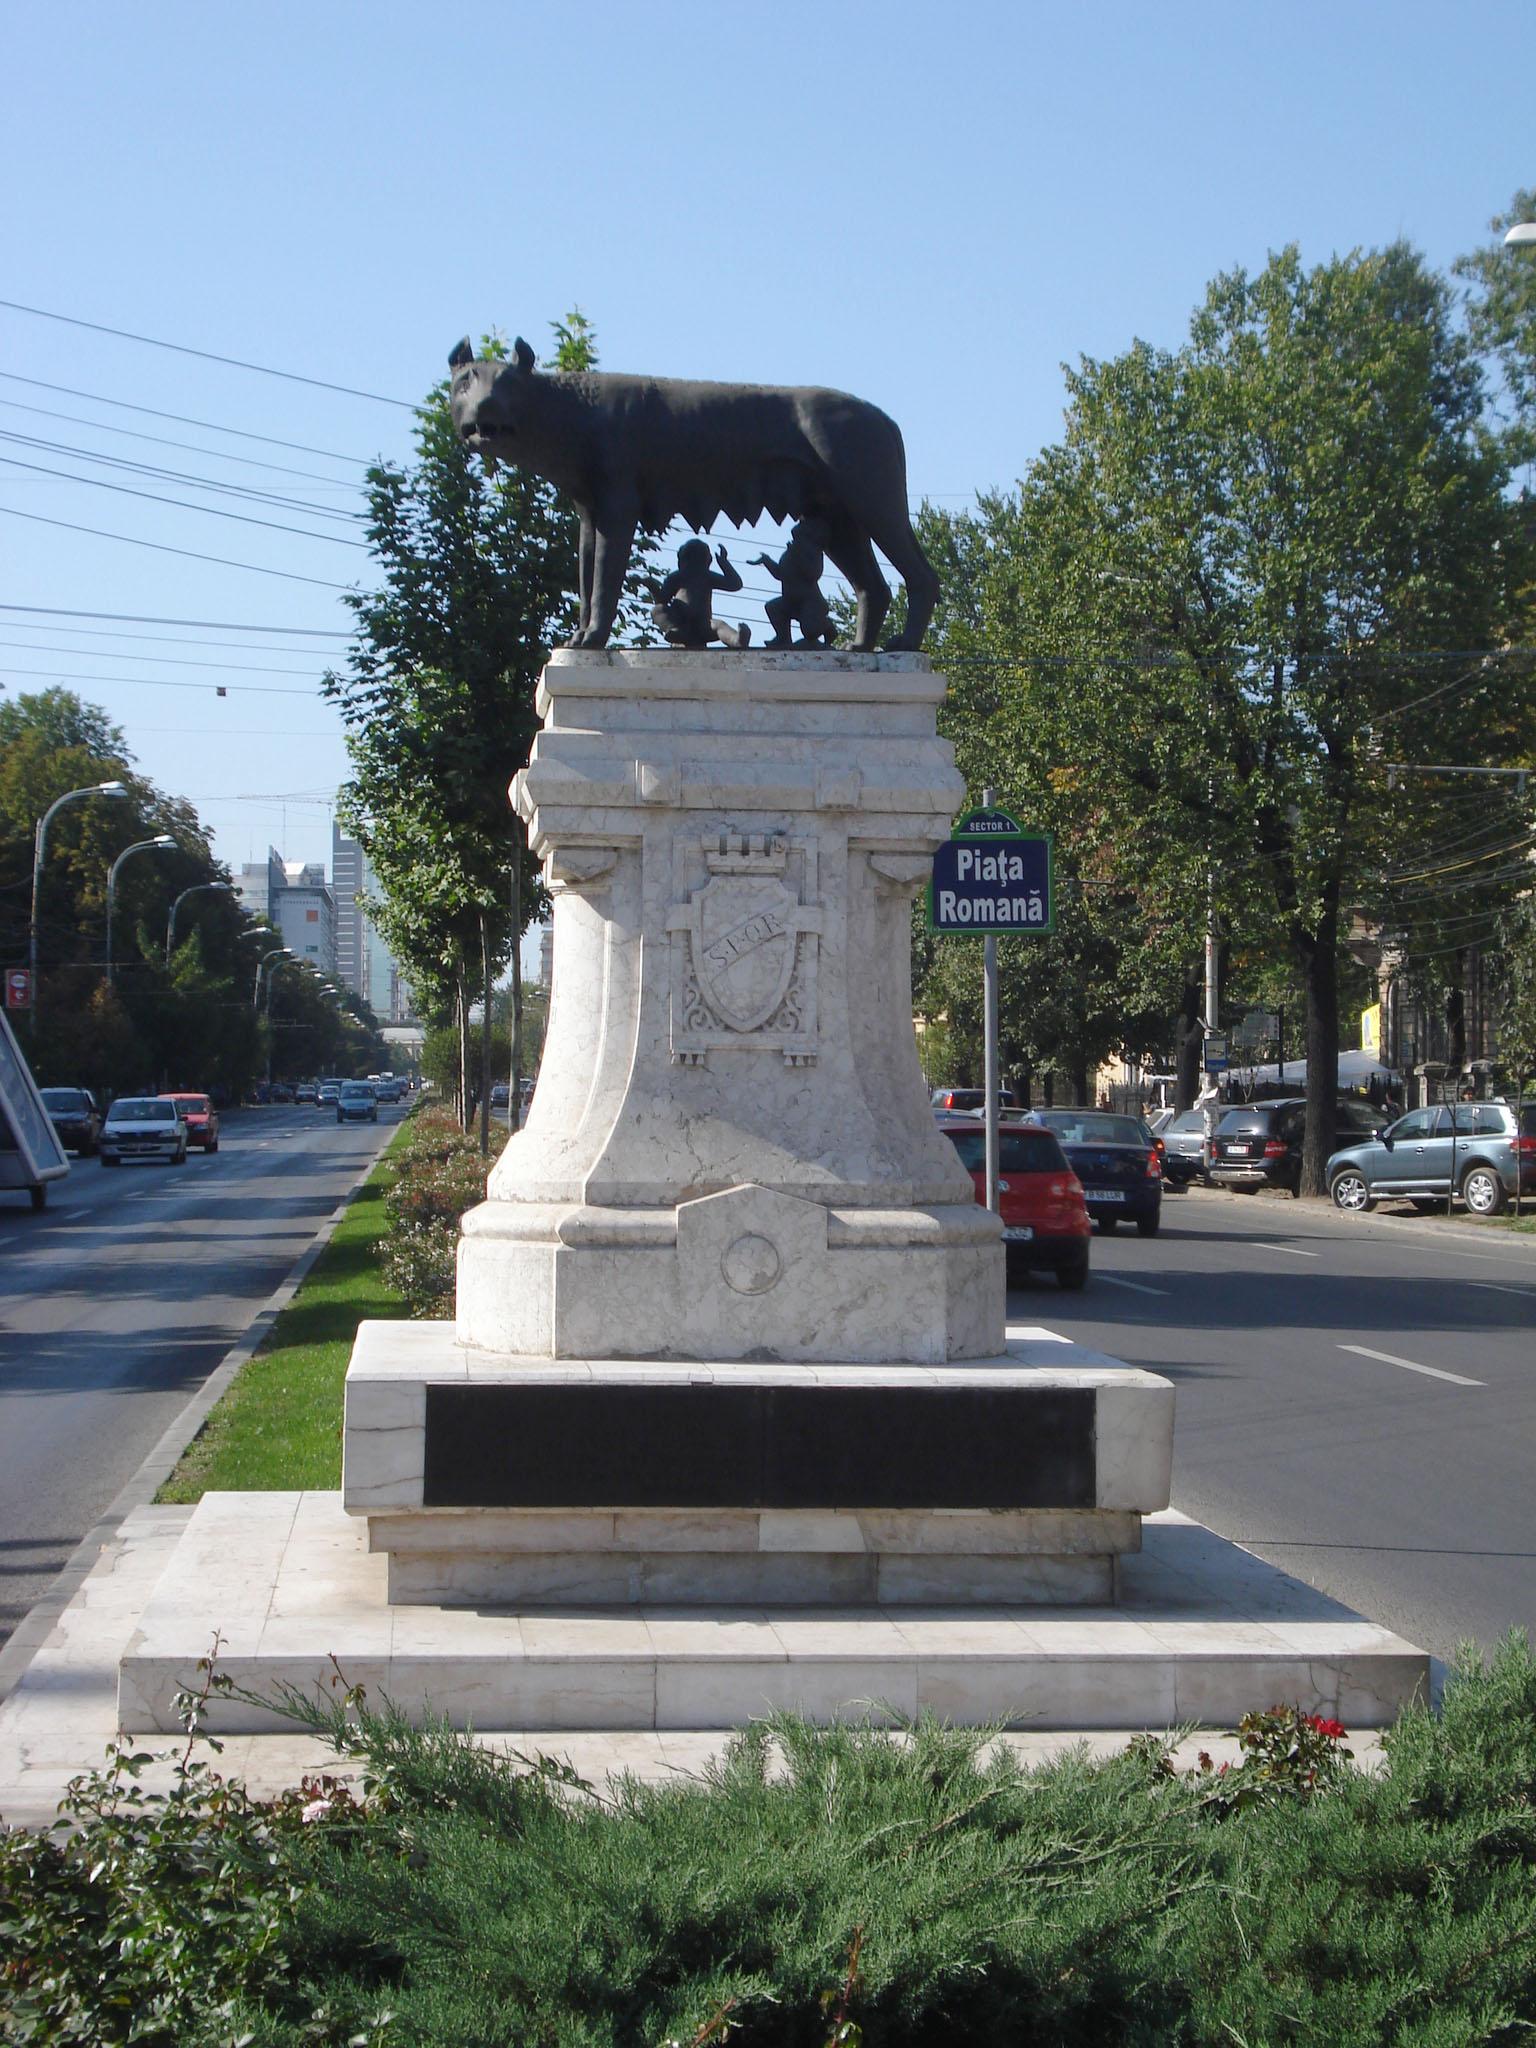 Fişier:Statuia Lupoaicei Bucuresti.jpg